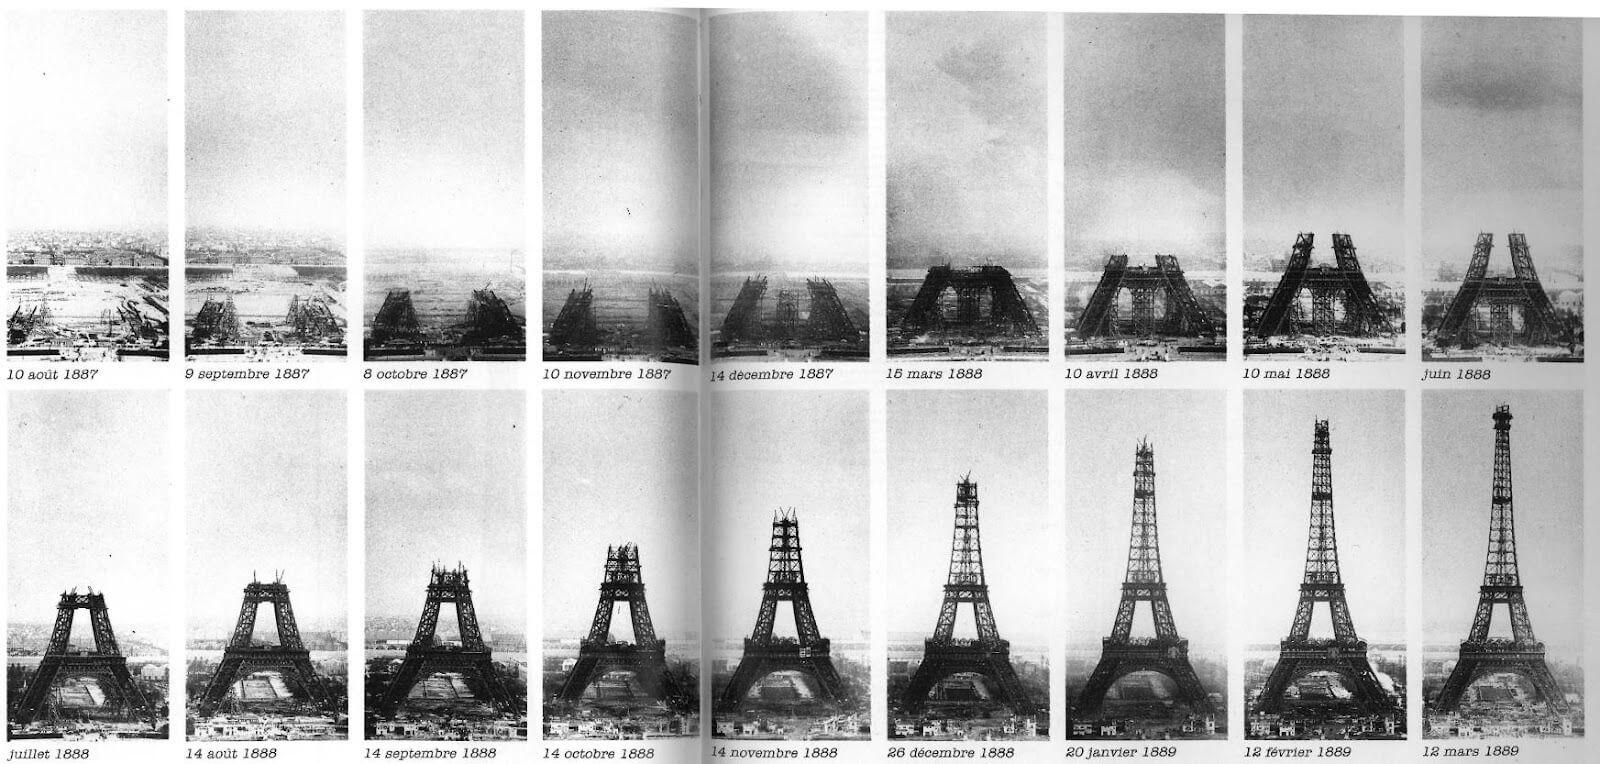 Breve historia de la torre eiffel for Cuando se construyo la torre eiffel